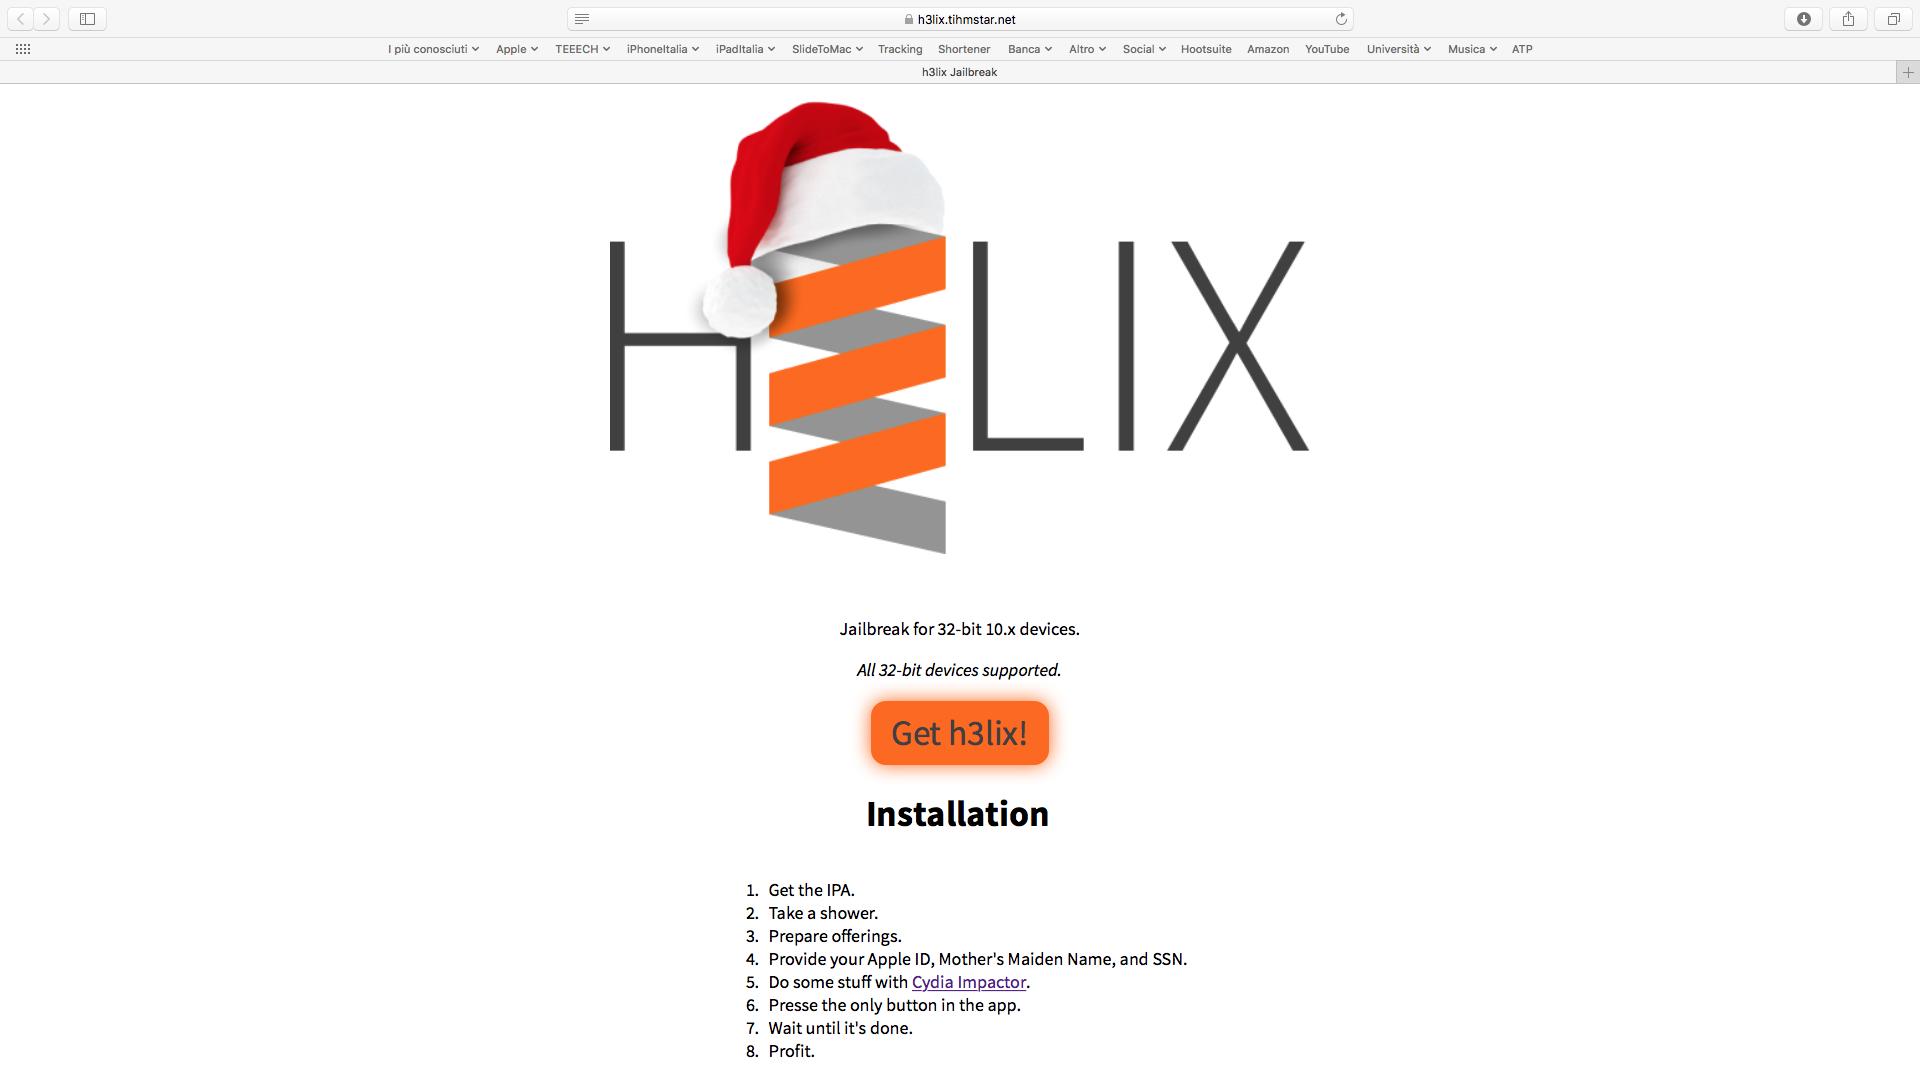 Rilasciato il Jailbreak di iOS 10 3 3 (32-bit): ecco come